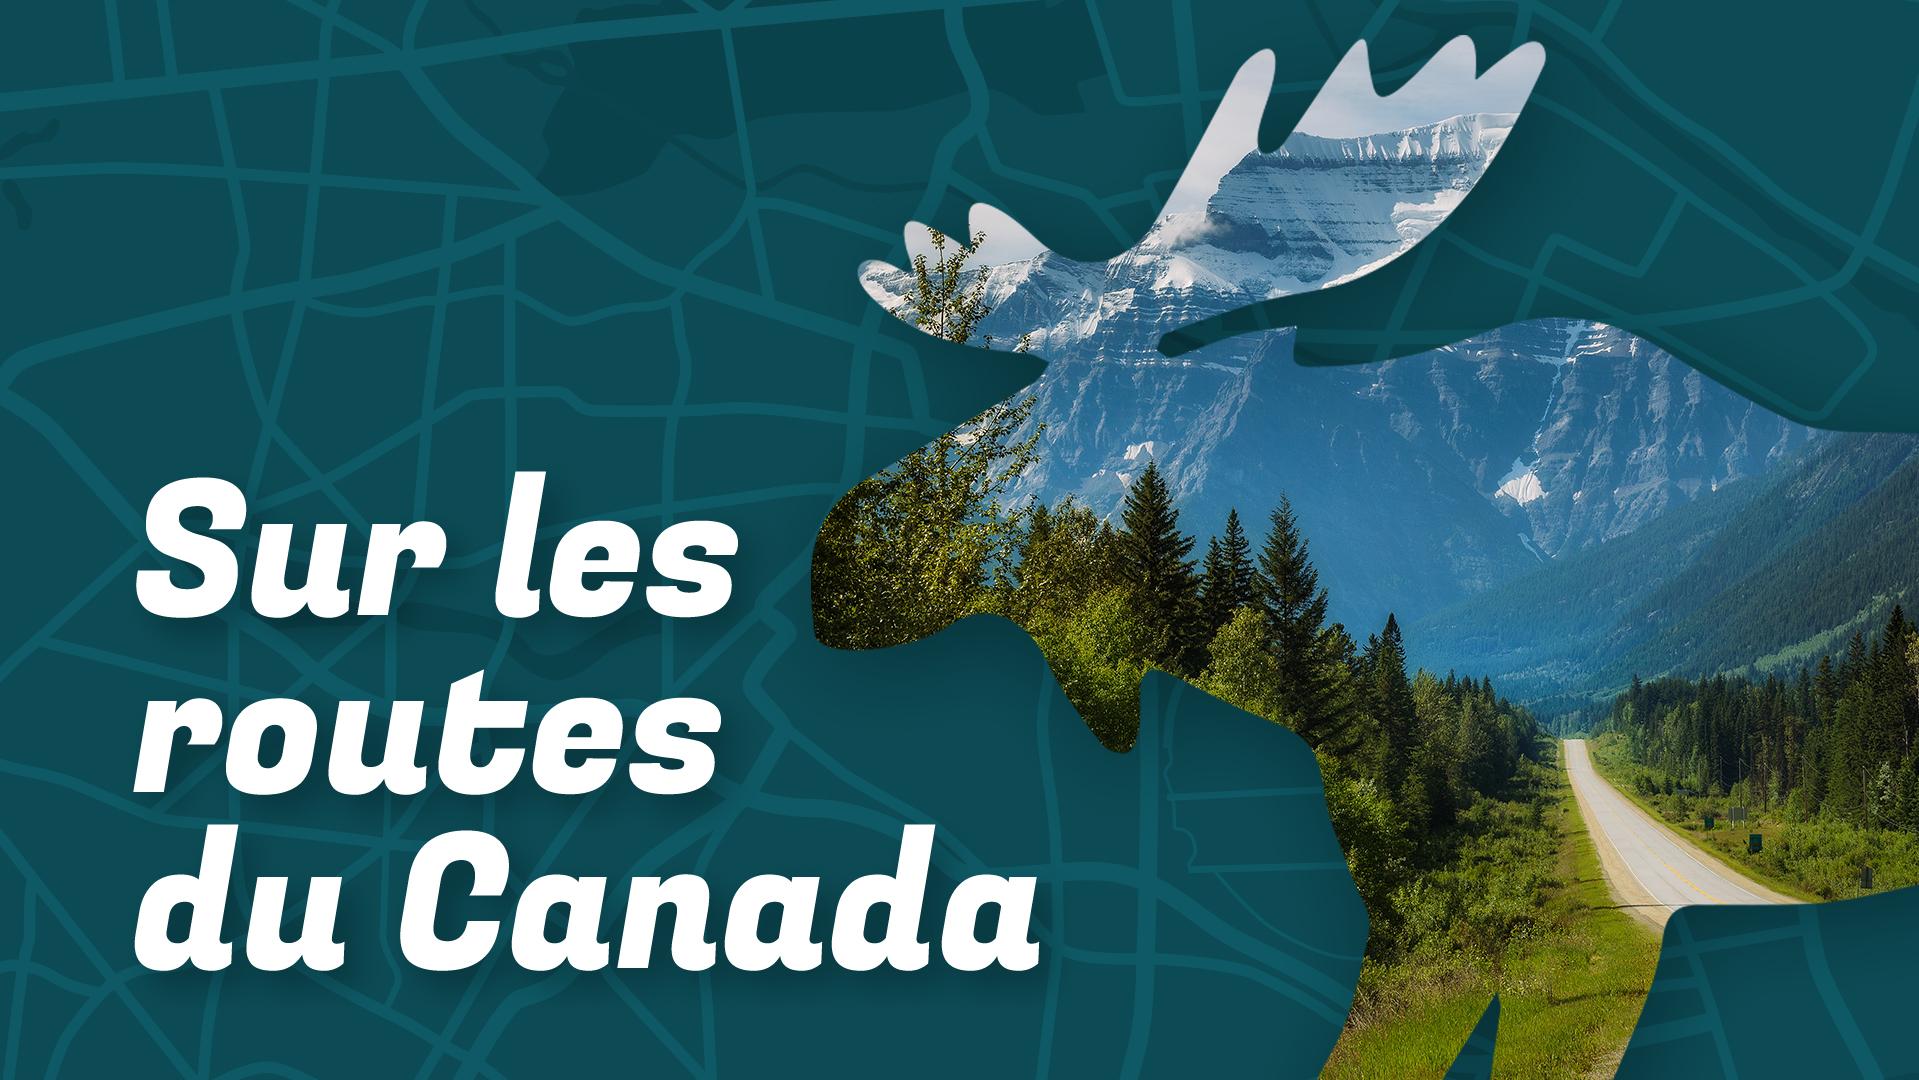 le texte «Sur les routes du Canada» accompagné de la silhouette d'un orignal formé d'un paysage forestier entourant une route